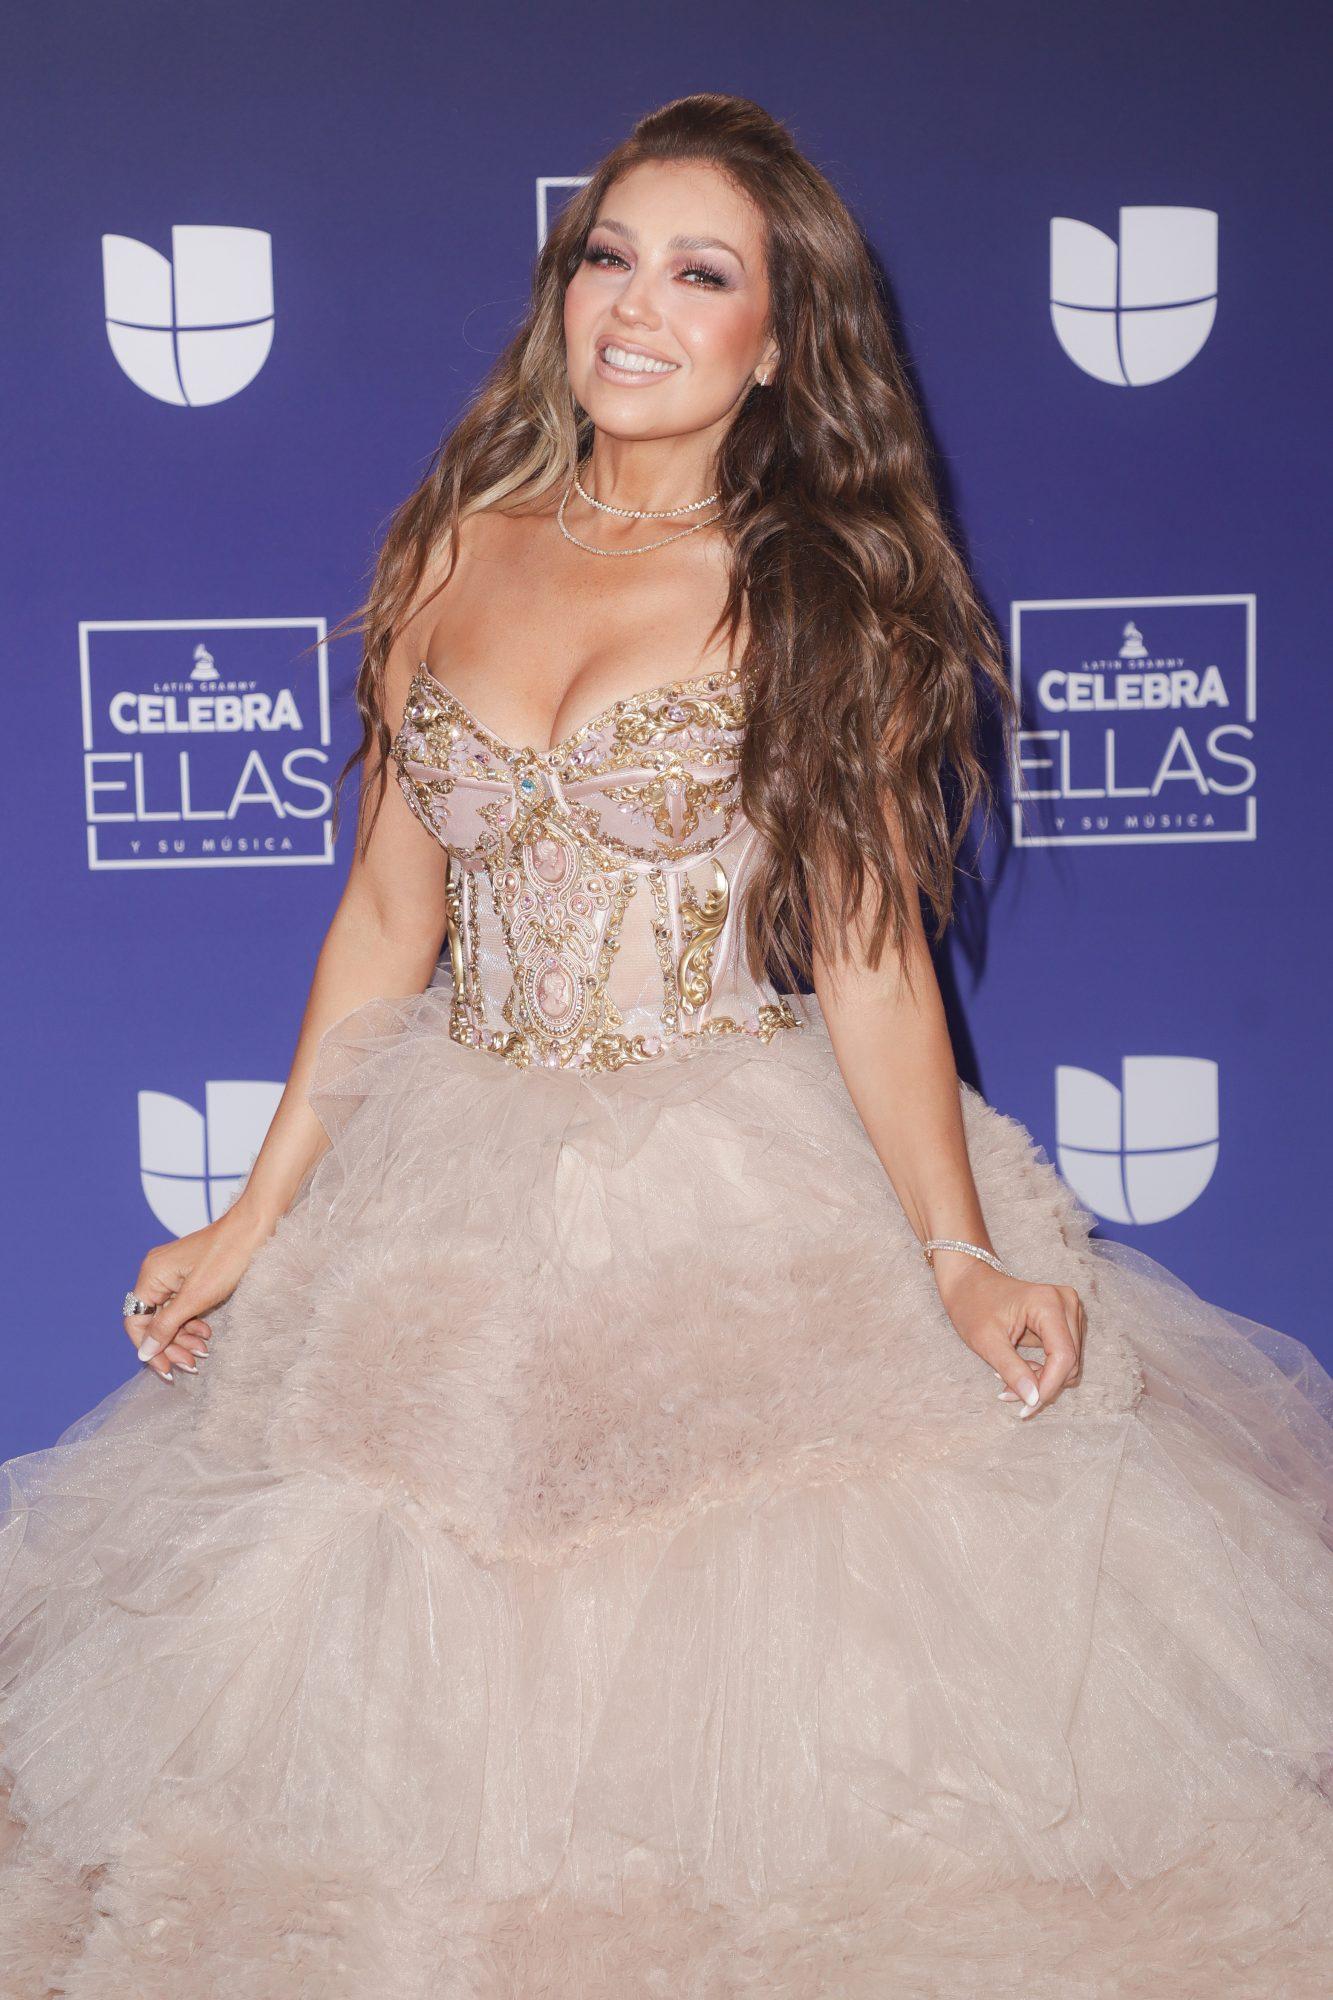 Thalía en Latin Grammy celebra ellas vestidos